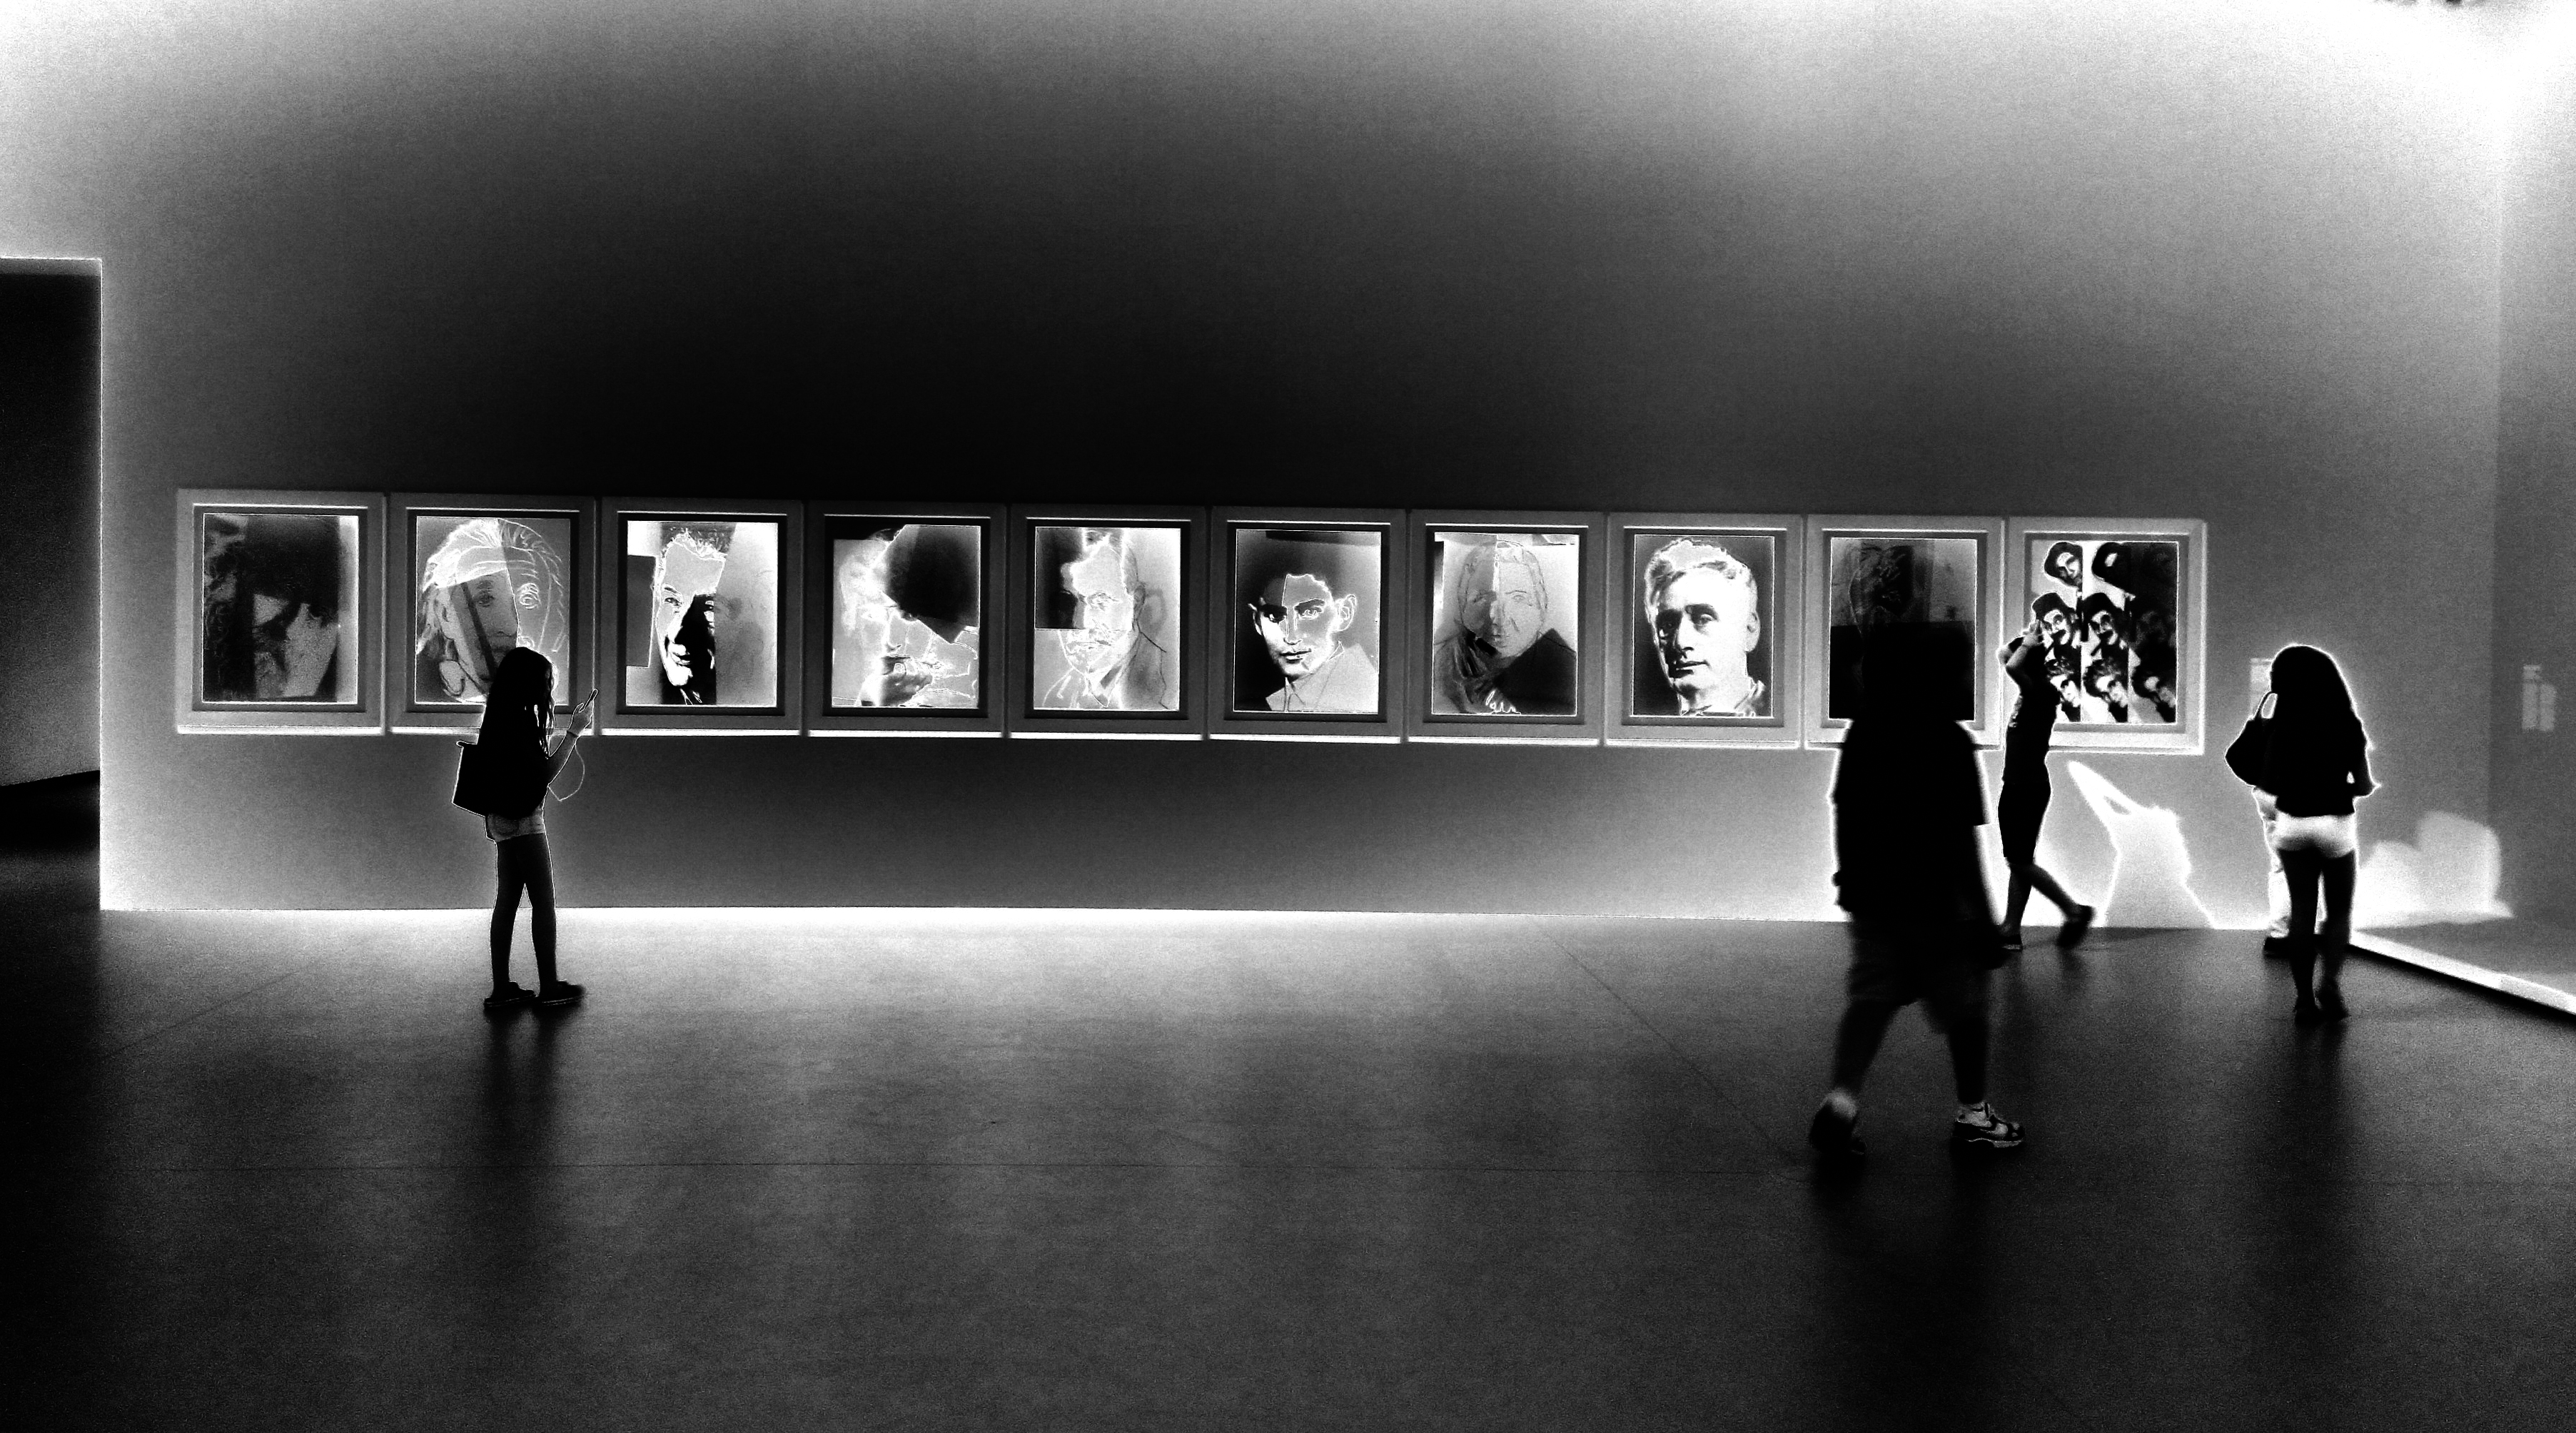 Una de las galerías de la Fundación. (Foto: © Arturo Guillaumín T. / 2015)